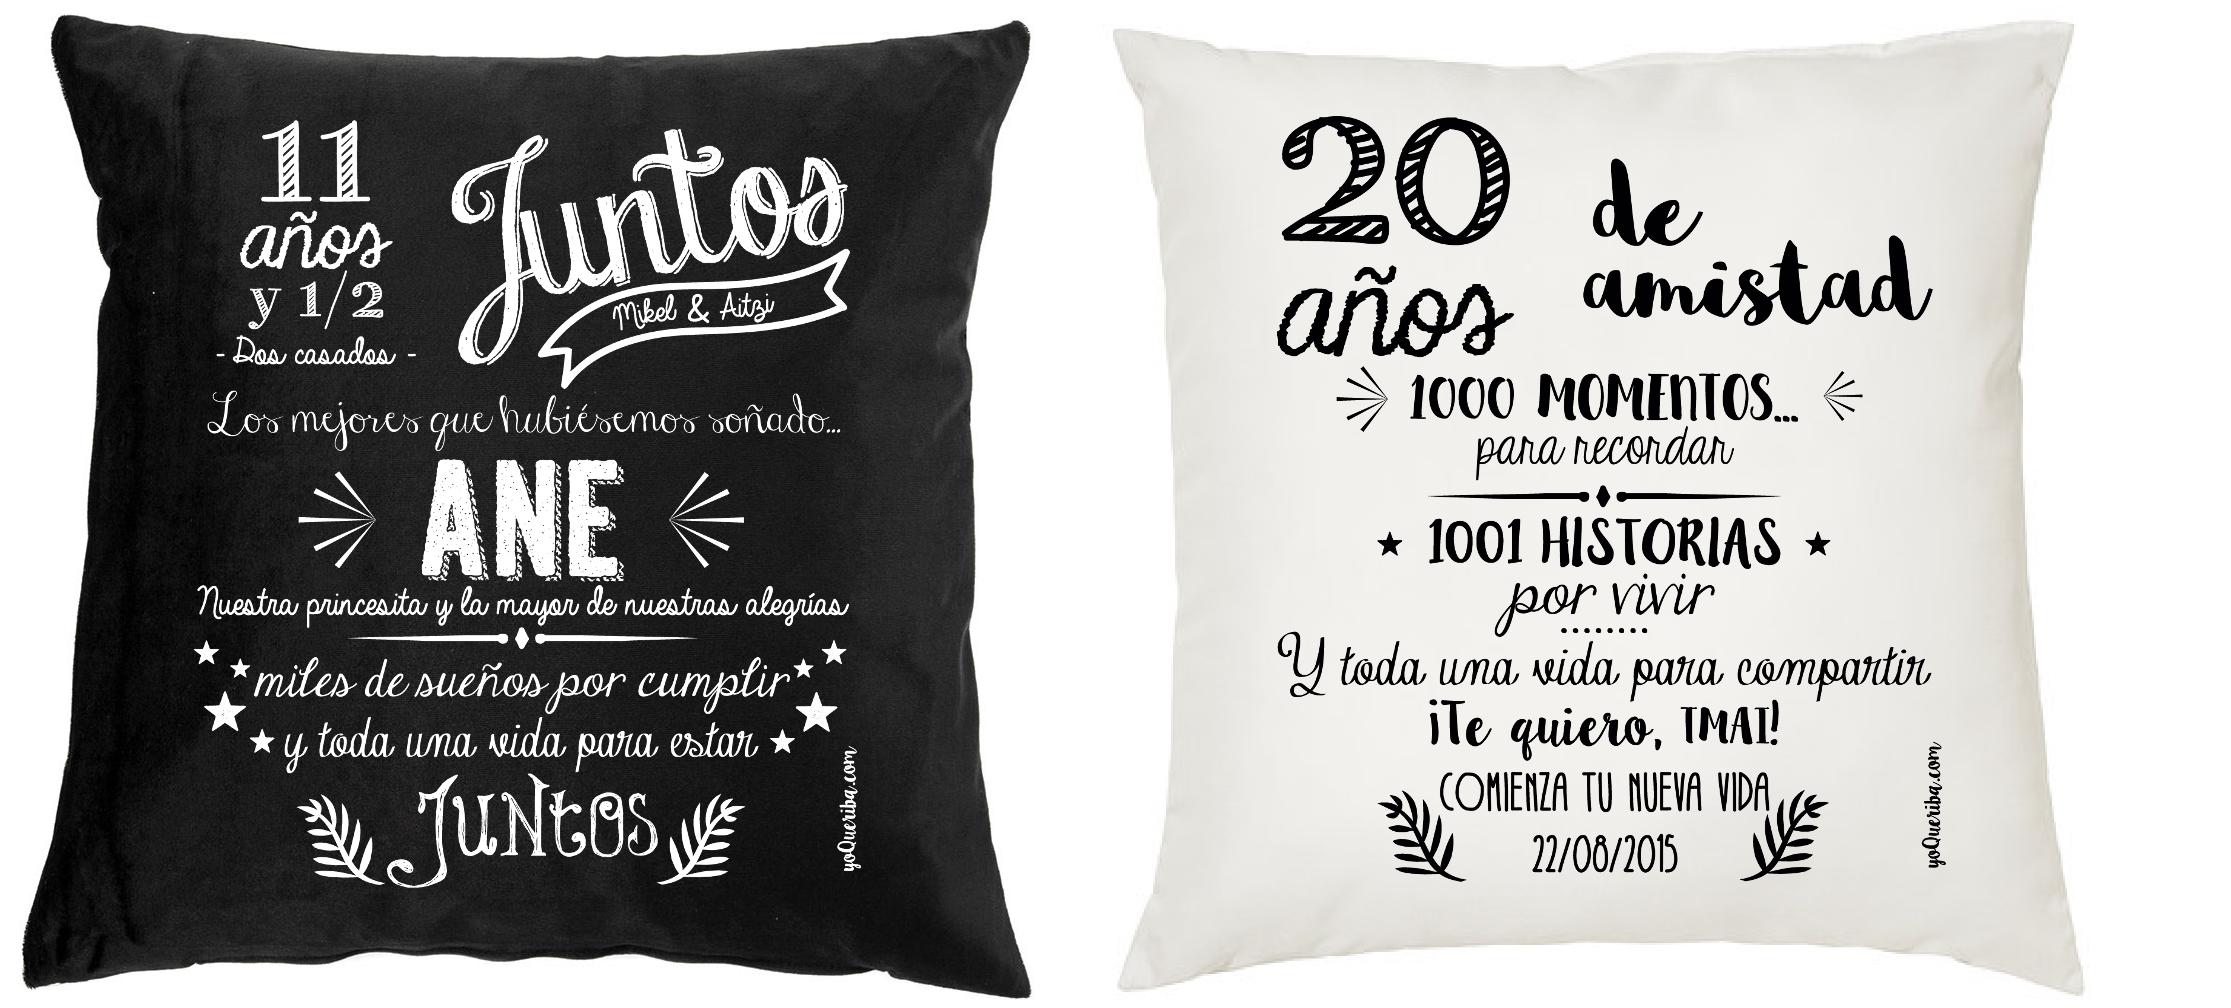 5 Ideas Para Un Regalo De Aniversario Inolvidable El Blog De Yoqueriba - Ideas-aniversario